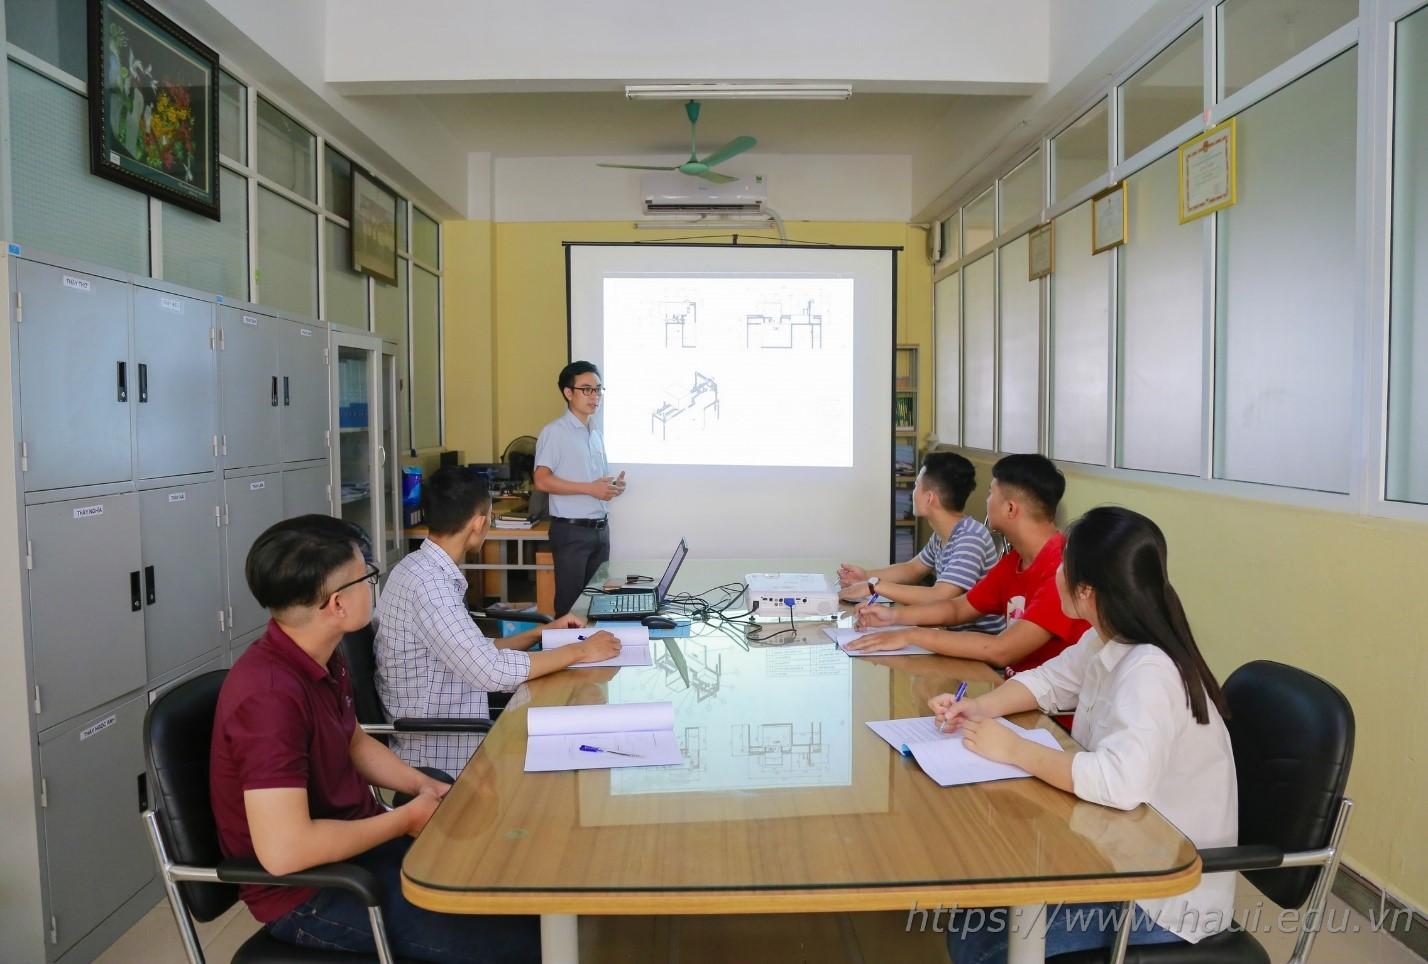 Sinh viên khoa Cơ khí với nghiên cứu và chế tạo hệ thống kiểm tra linh kiện điện tử thời gian thực ứng dụng công nghệ xử lý ảnh